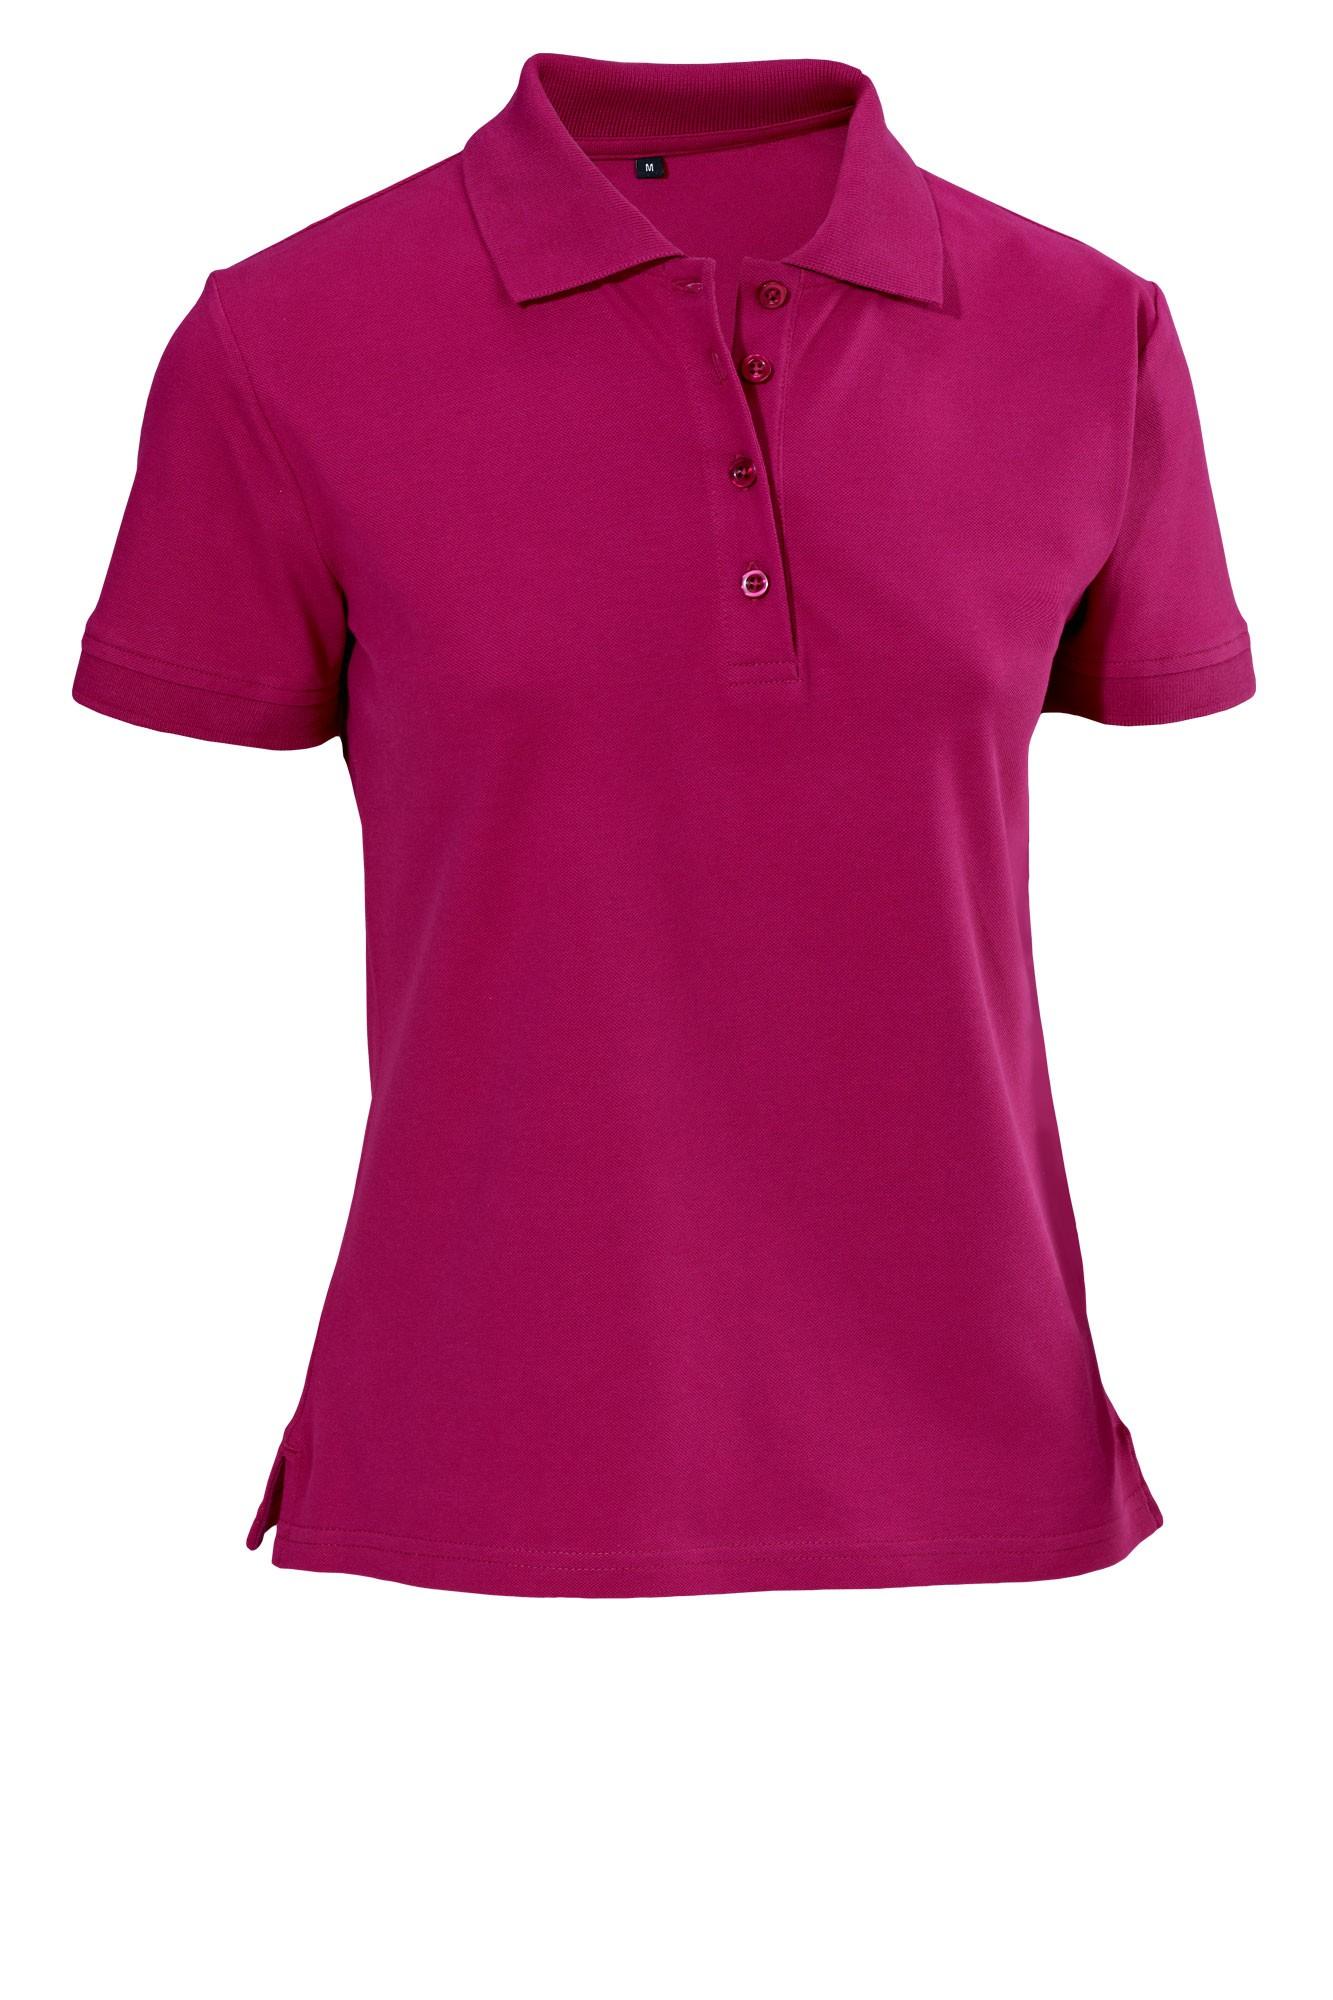 Dámské tričko Cato - ostružinová/krátký rukáv